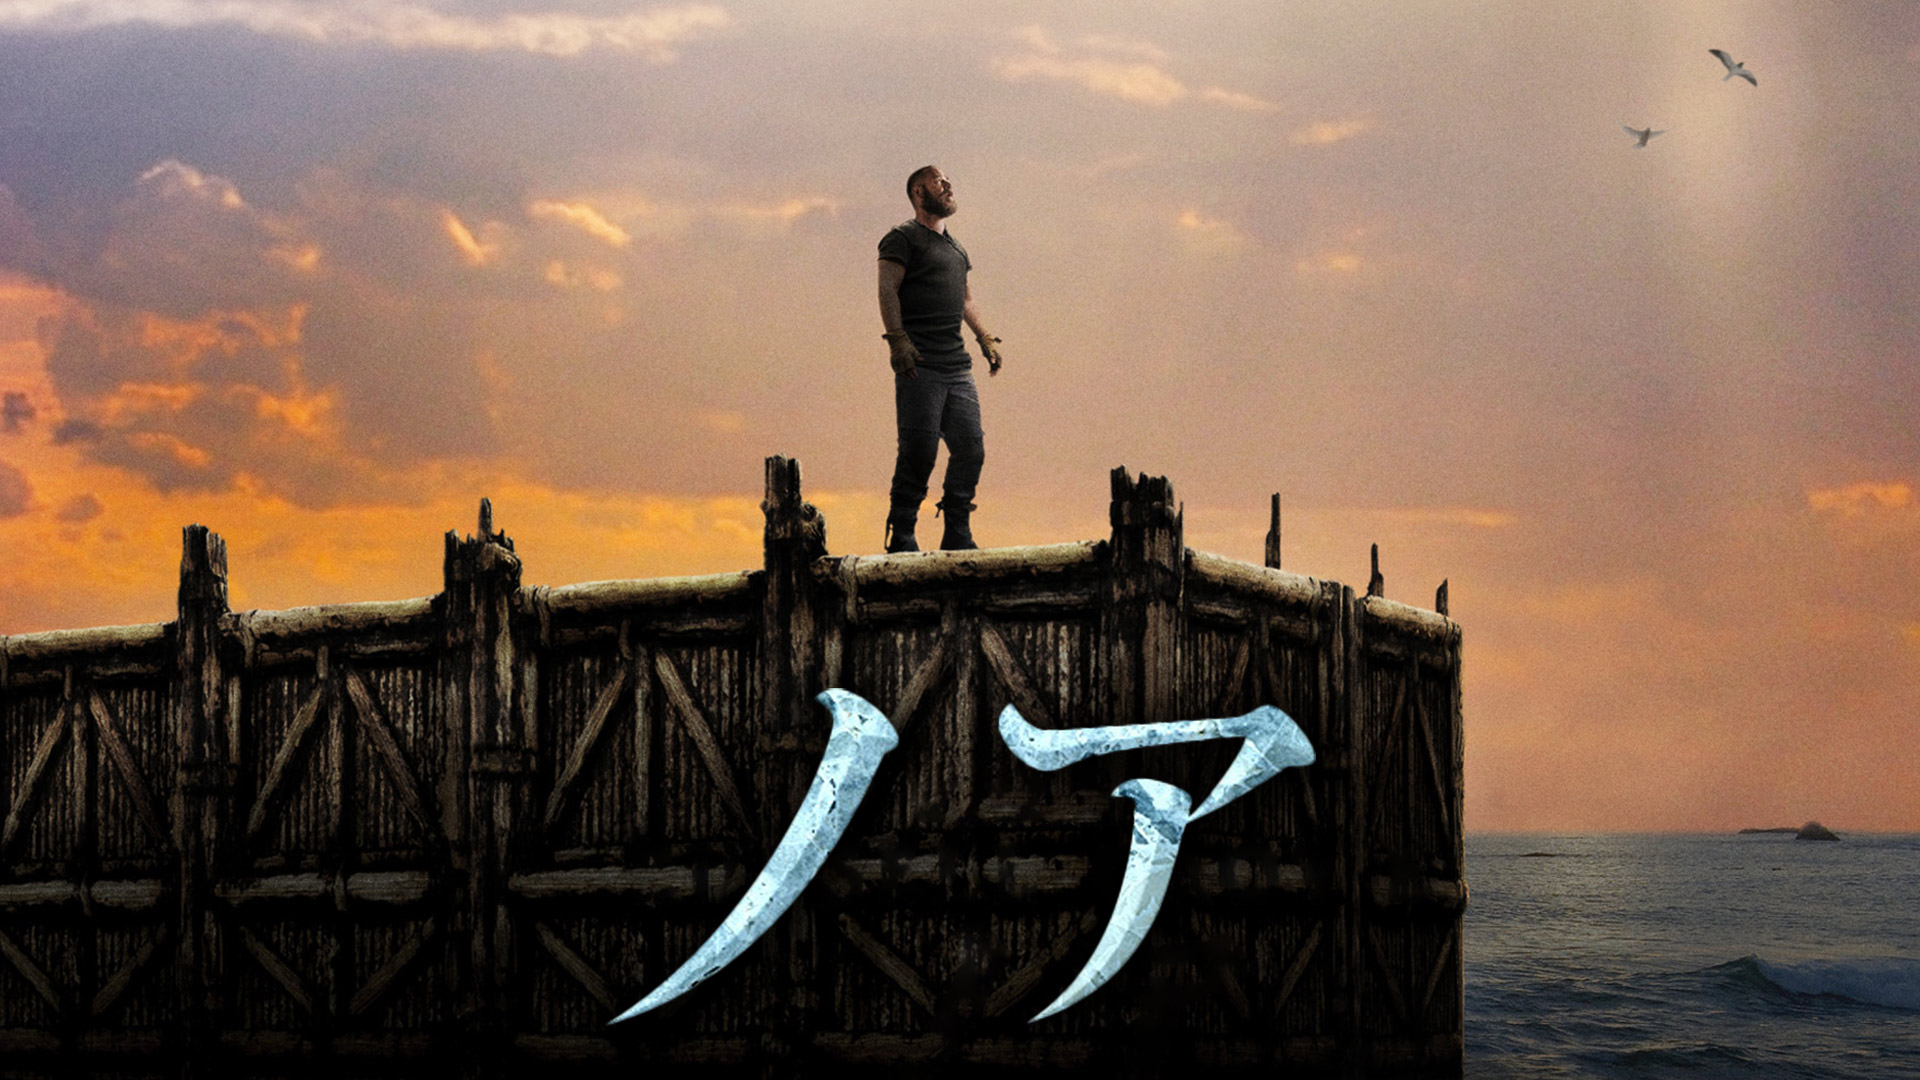 ノア 約束の舟 (字幕版)